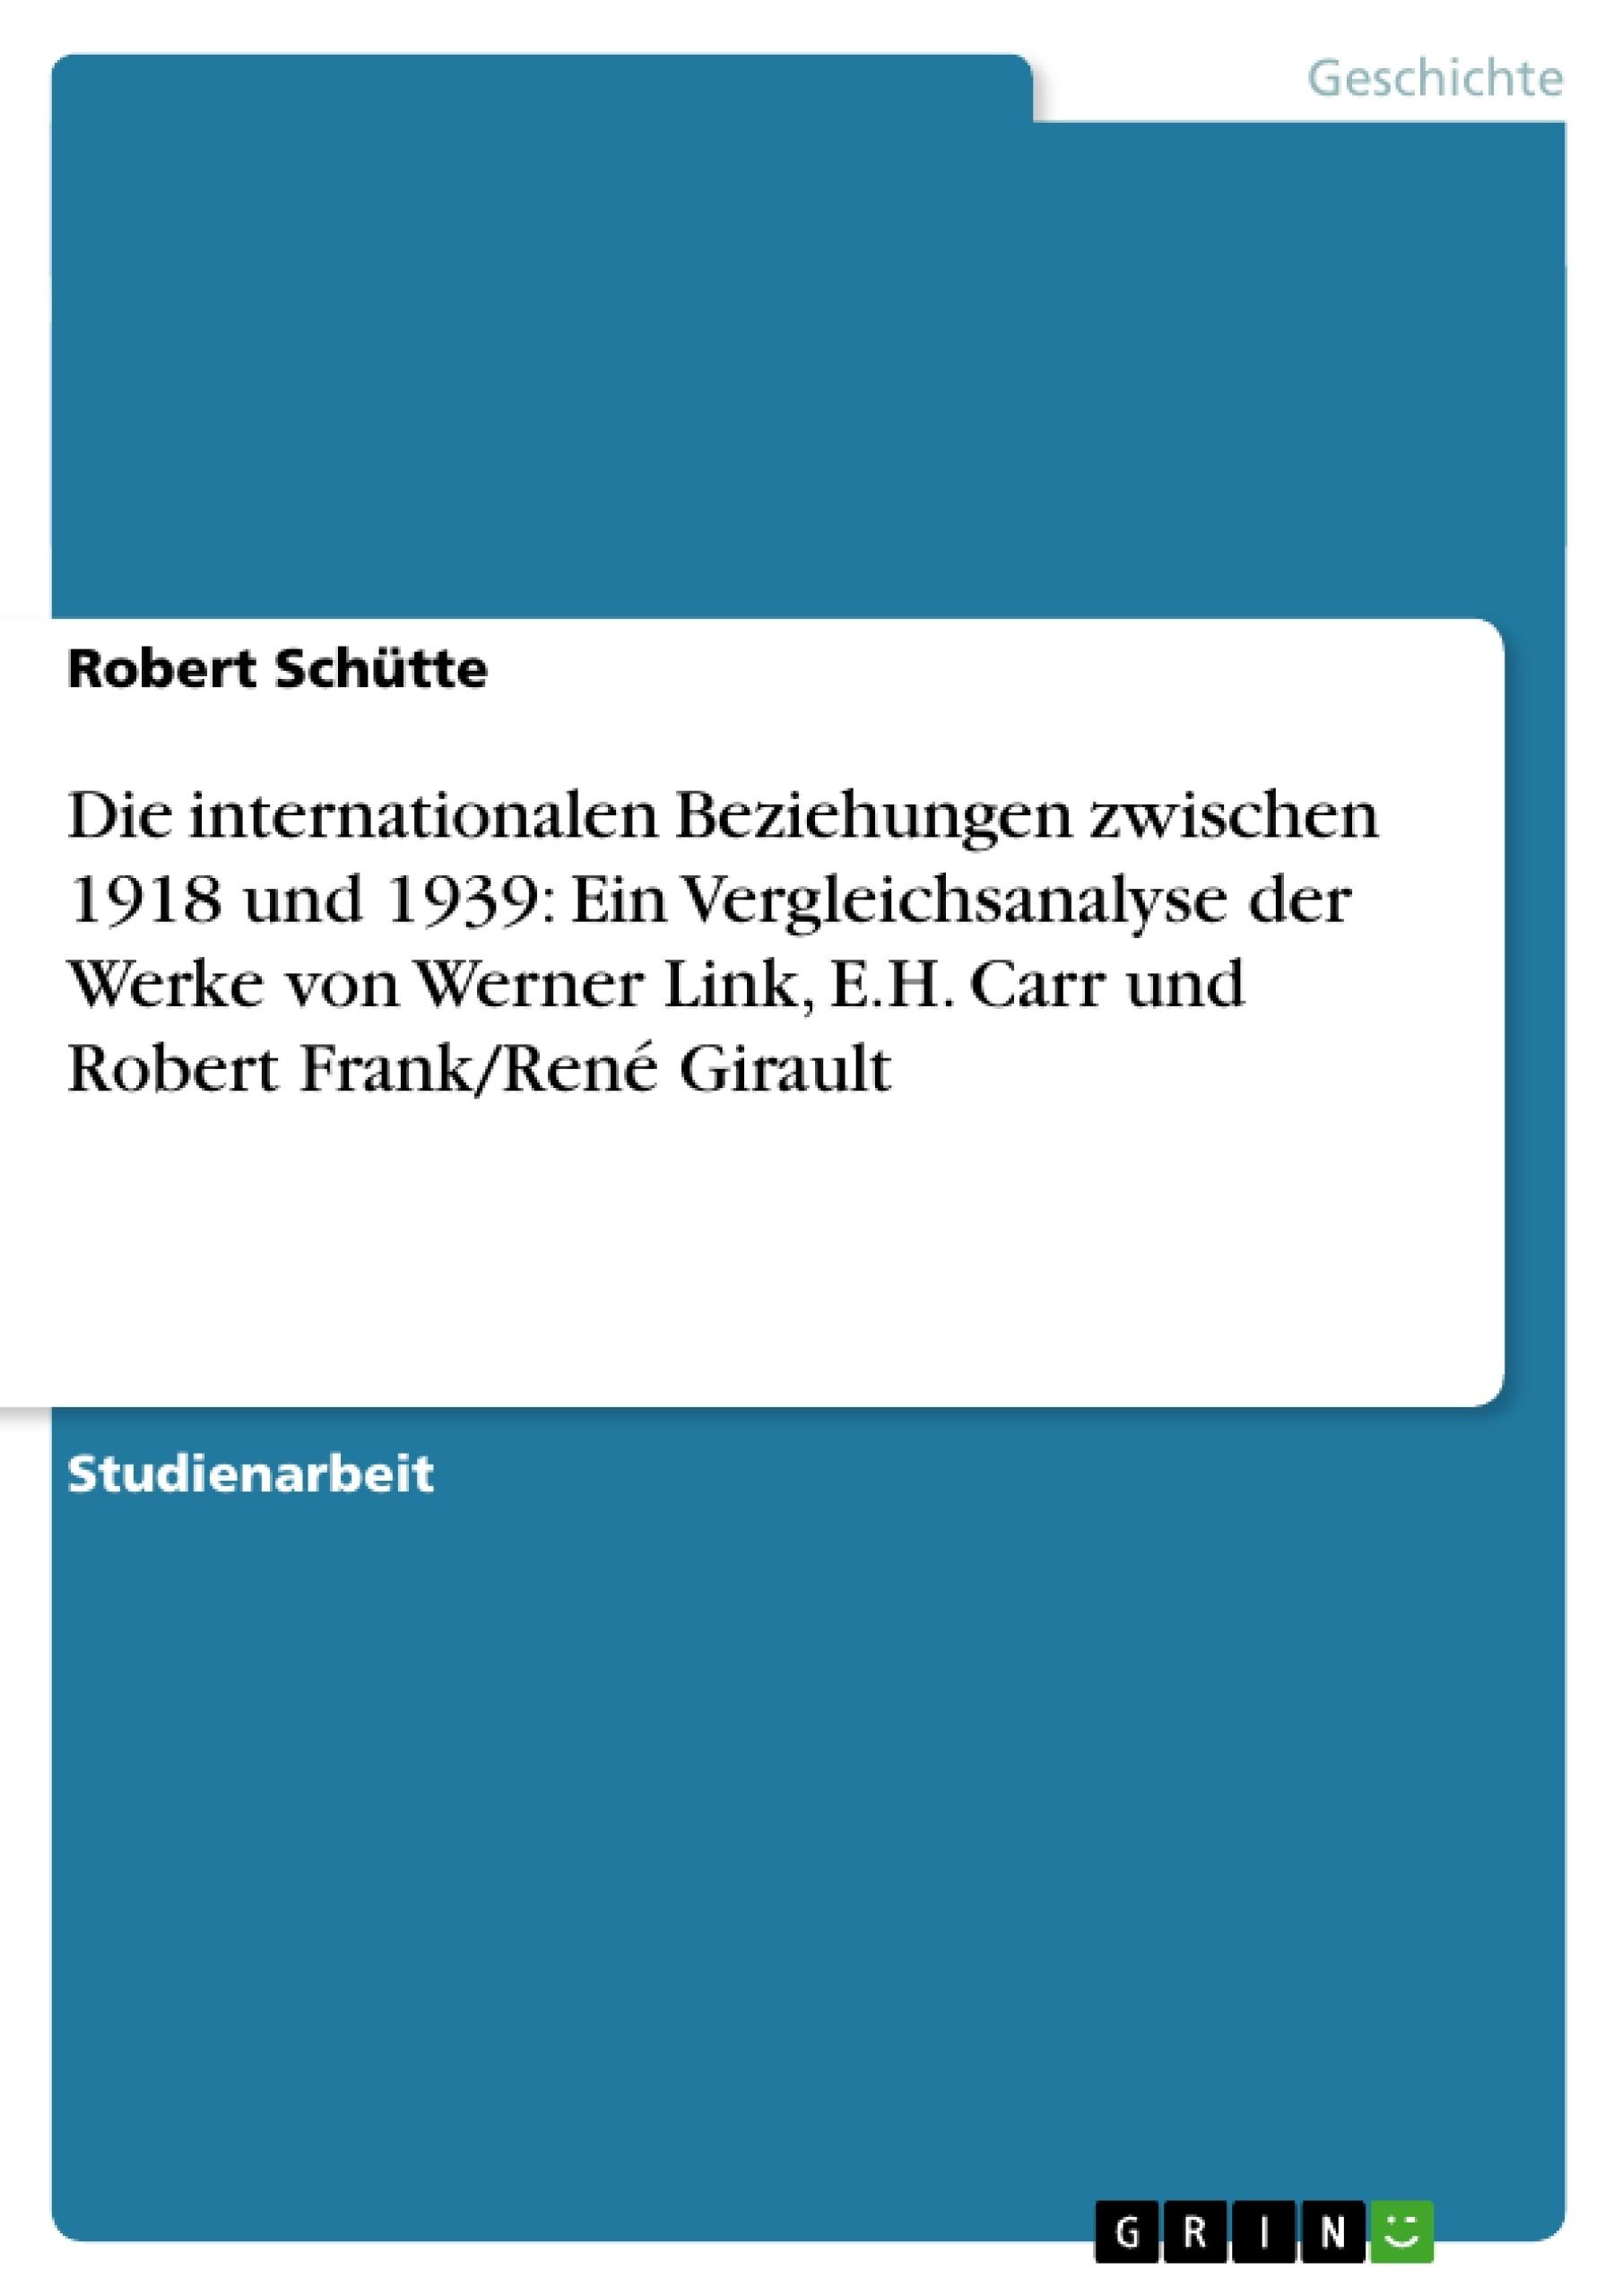 Titel: Die internationalen Beziehungen zwischen 1918 und 1939: Ein Vergleichsanalyse der Werke von Werner Link, E.H. Carr und Robert Frank/René Girault